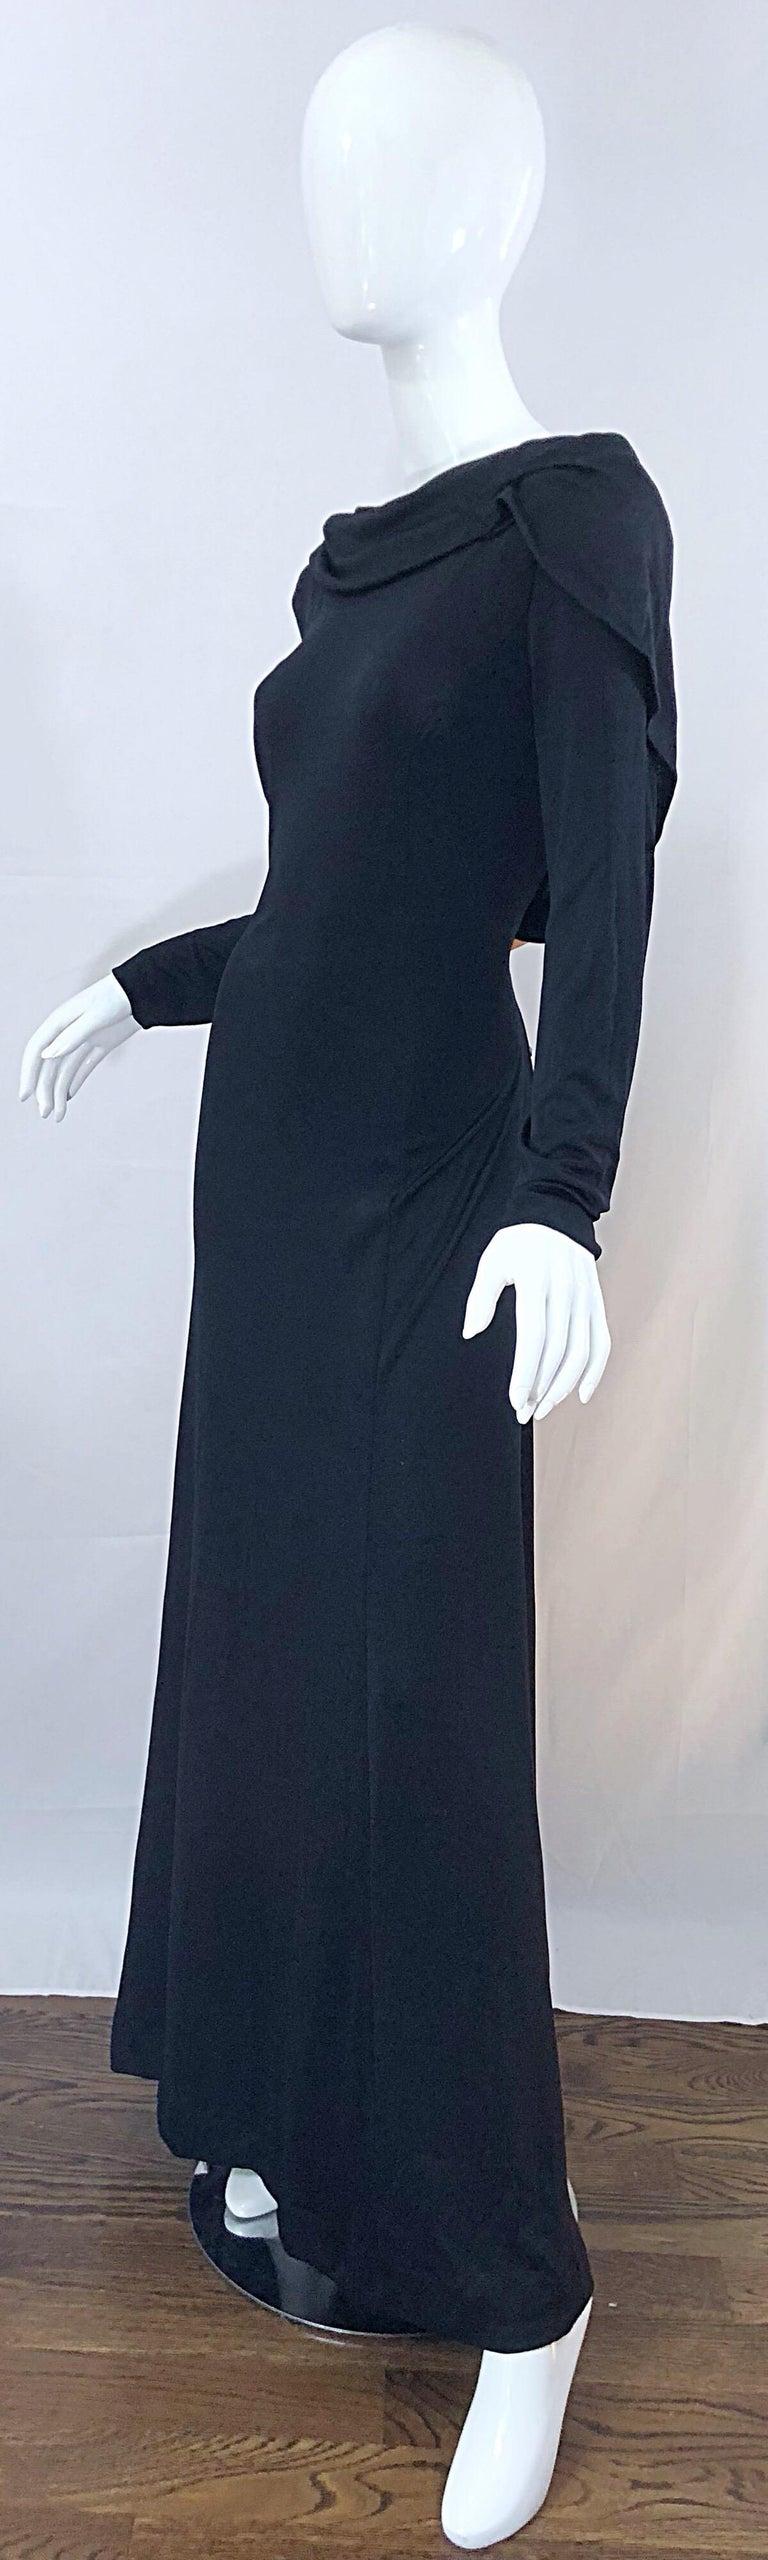 Women's 1970s Luis Estevez Dramatic Low Back High Neck Vintage 70s Jersey Grecian Gown